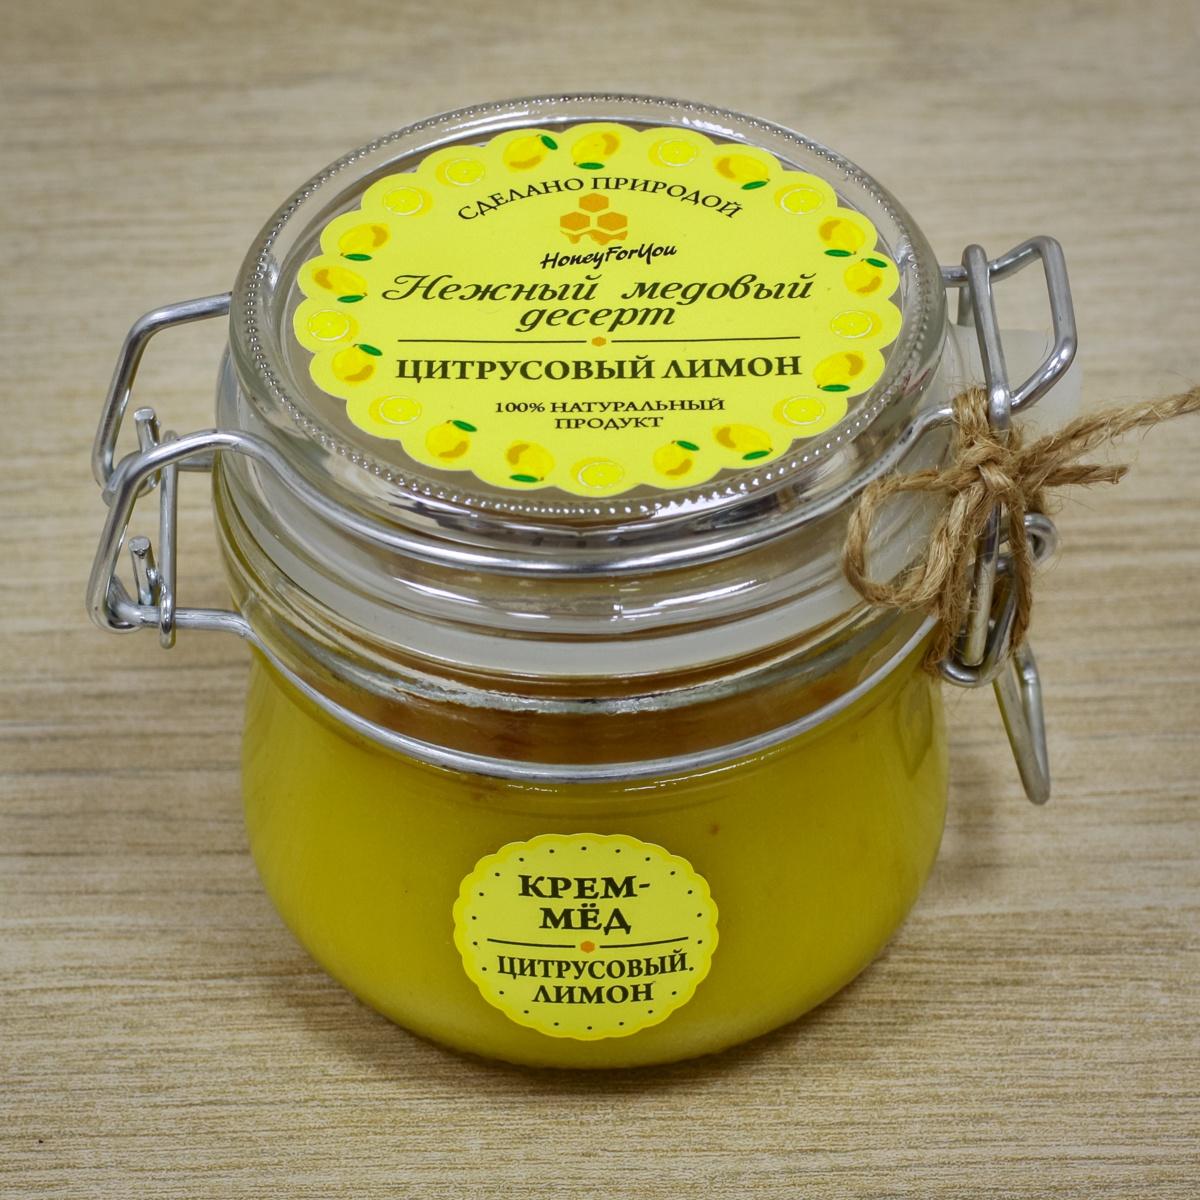 Нежный медовый десерт HoneyForYou Цитрусовый лимон